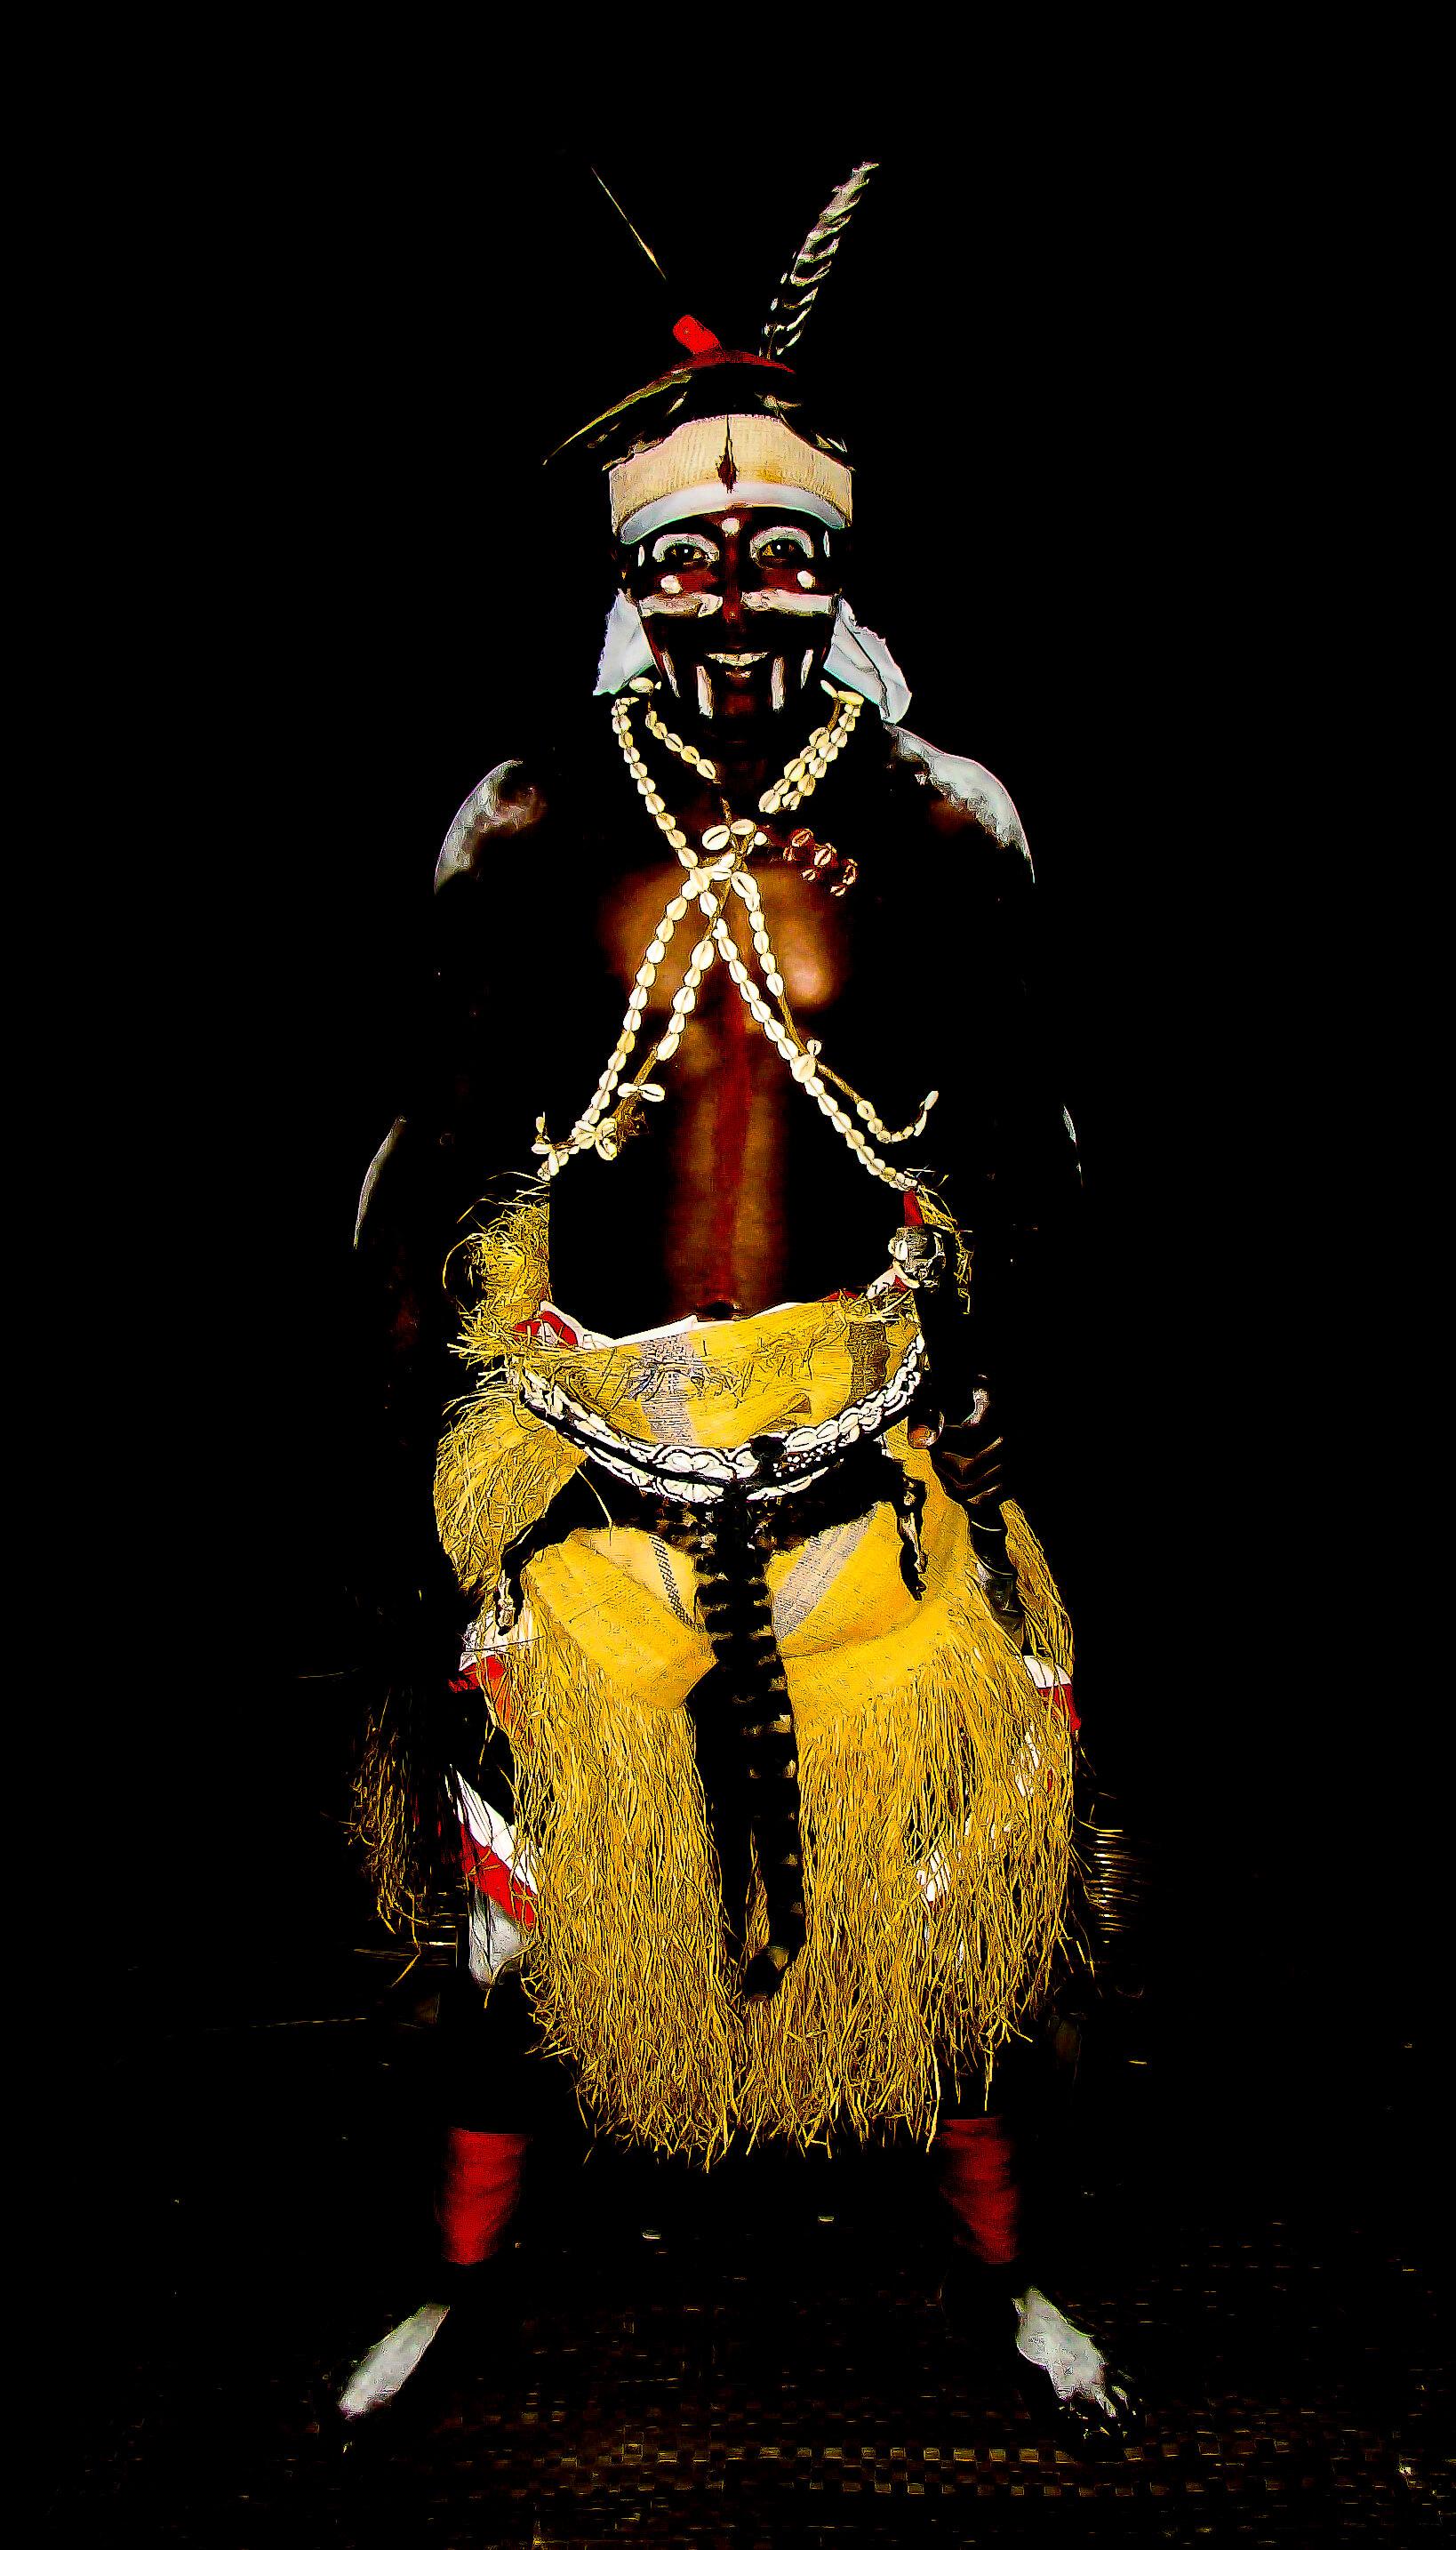 Kakatsitsi - Master Drummers from Ghana & Mbilou - Bwiti Nganga from Gabon